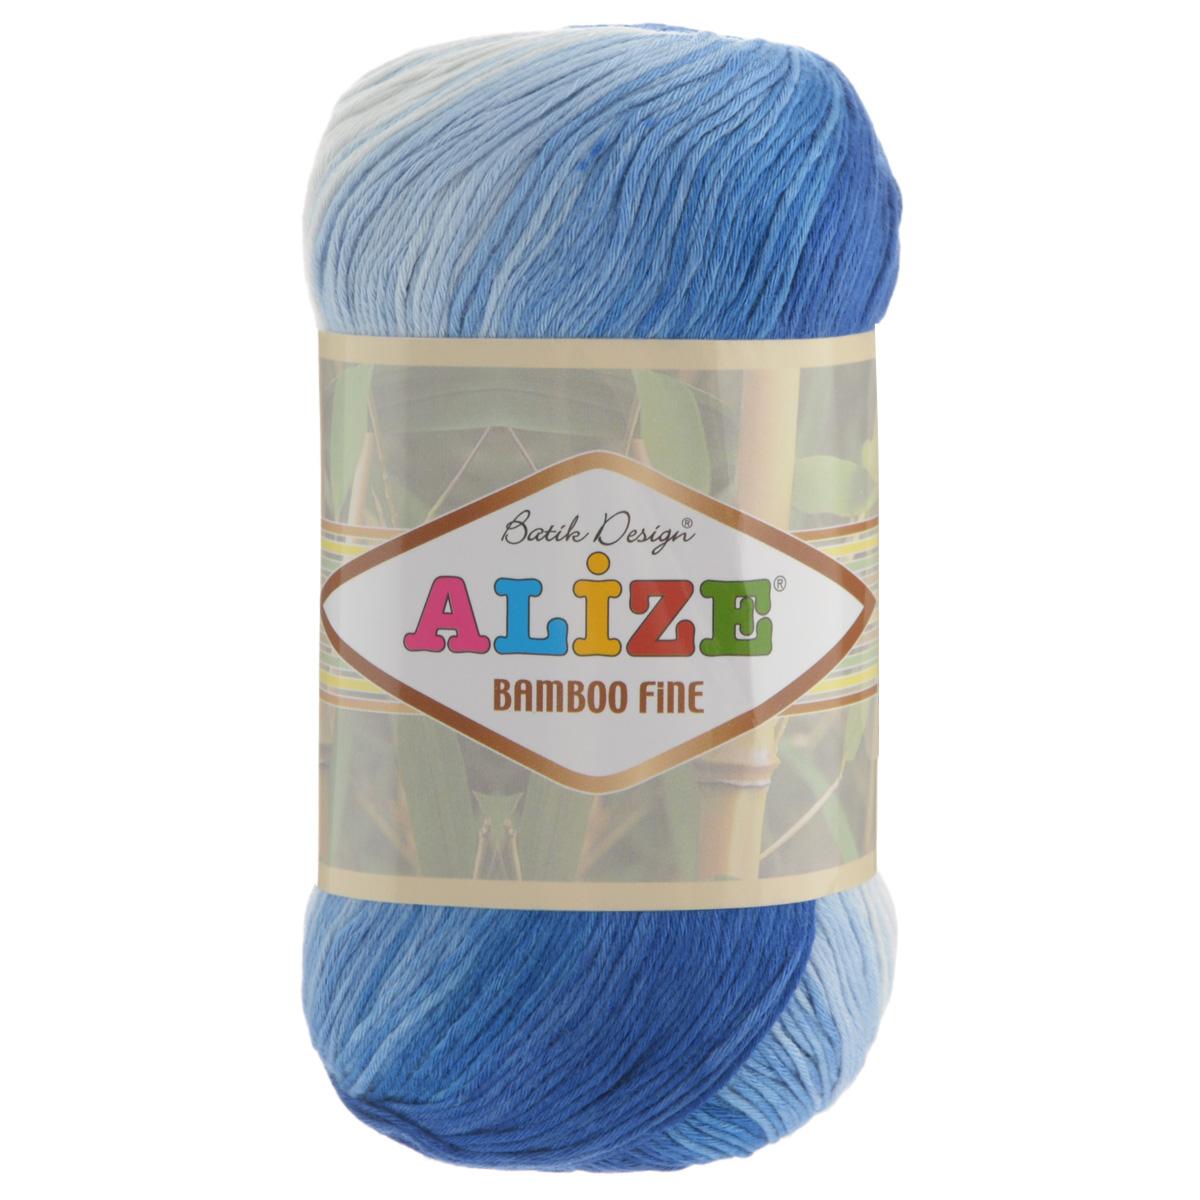 Пряжа для вязания Alize Bamboo Fine, цвет: белый, синий, голубой (1833), 440 м, 100 г, 5 шт688986_1833Пряжа Alize Bamboo Fine подходит для ручного вязания детям и взрослым. Пряжа однотонная, приятная на ощупь, хорошо лежит в полотне. Изделия из такой нити получаются мягкие и красивые. Рекомендованные спицы 2,5-3,5 мм и крючок для вязания 1-3 мм. Состав: 100% бамбук.